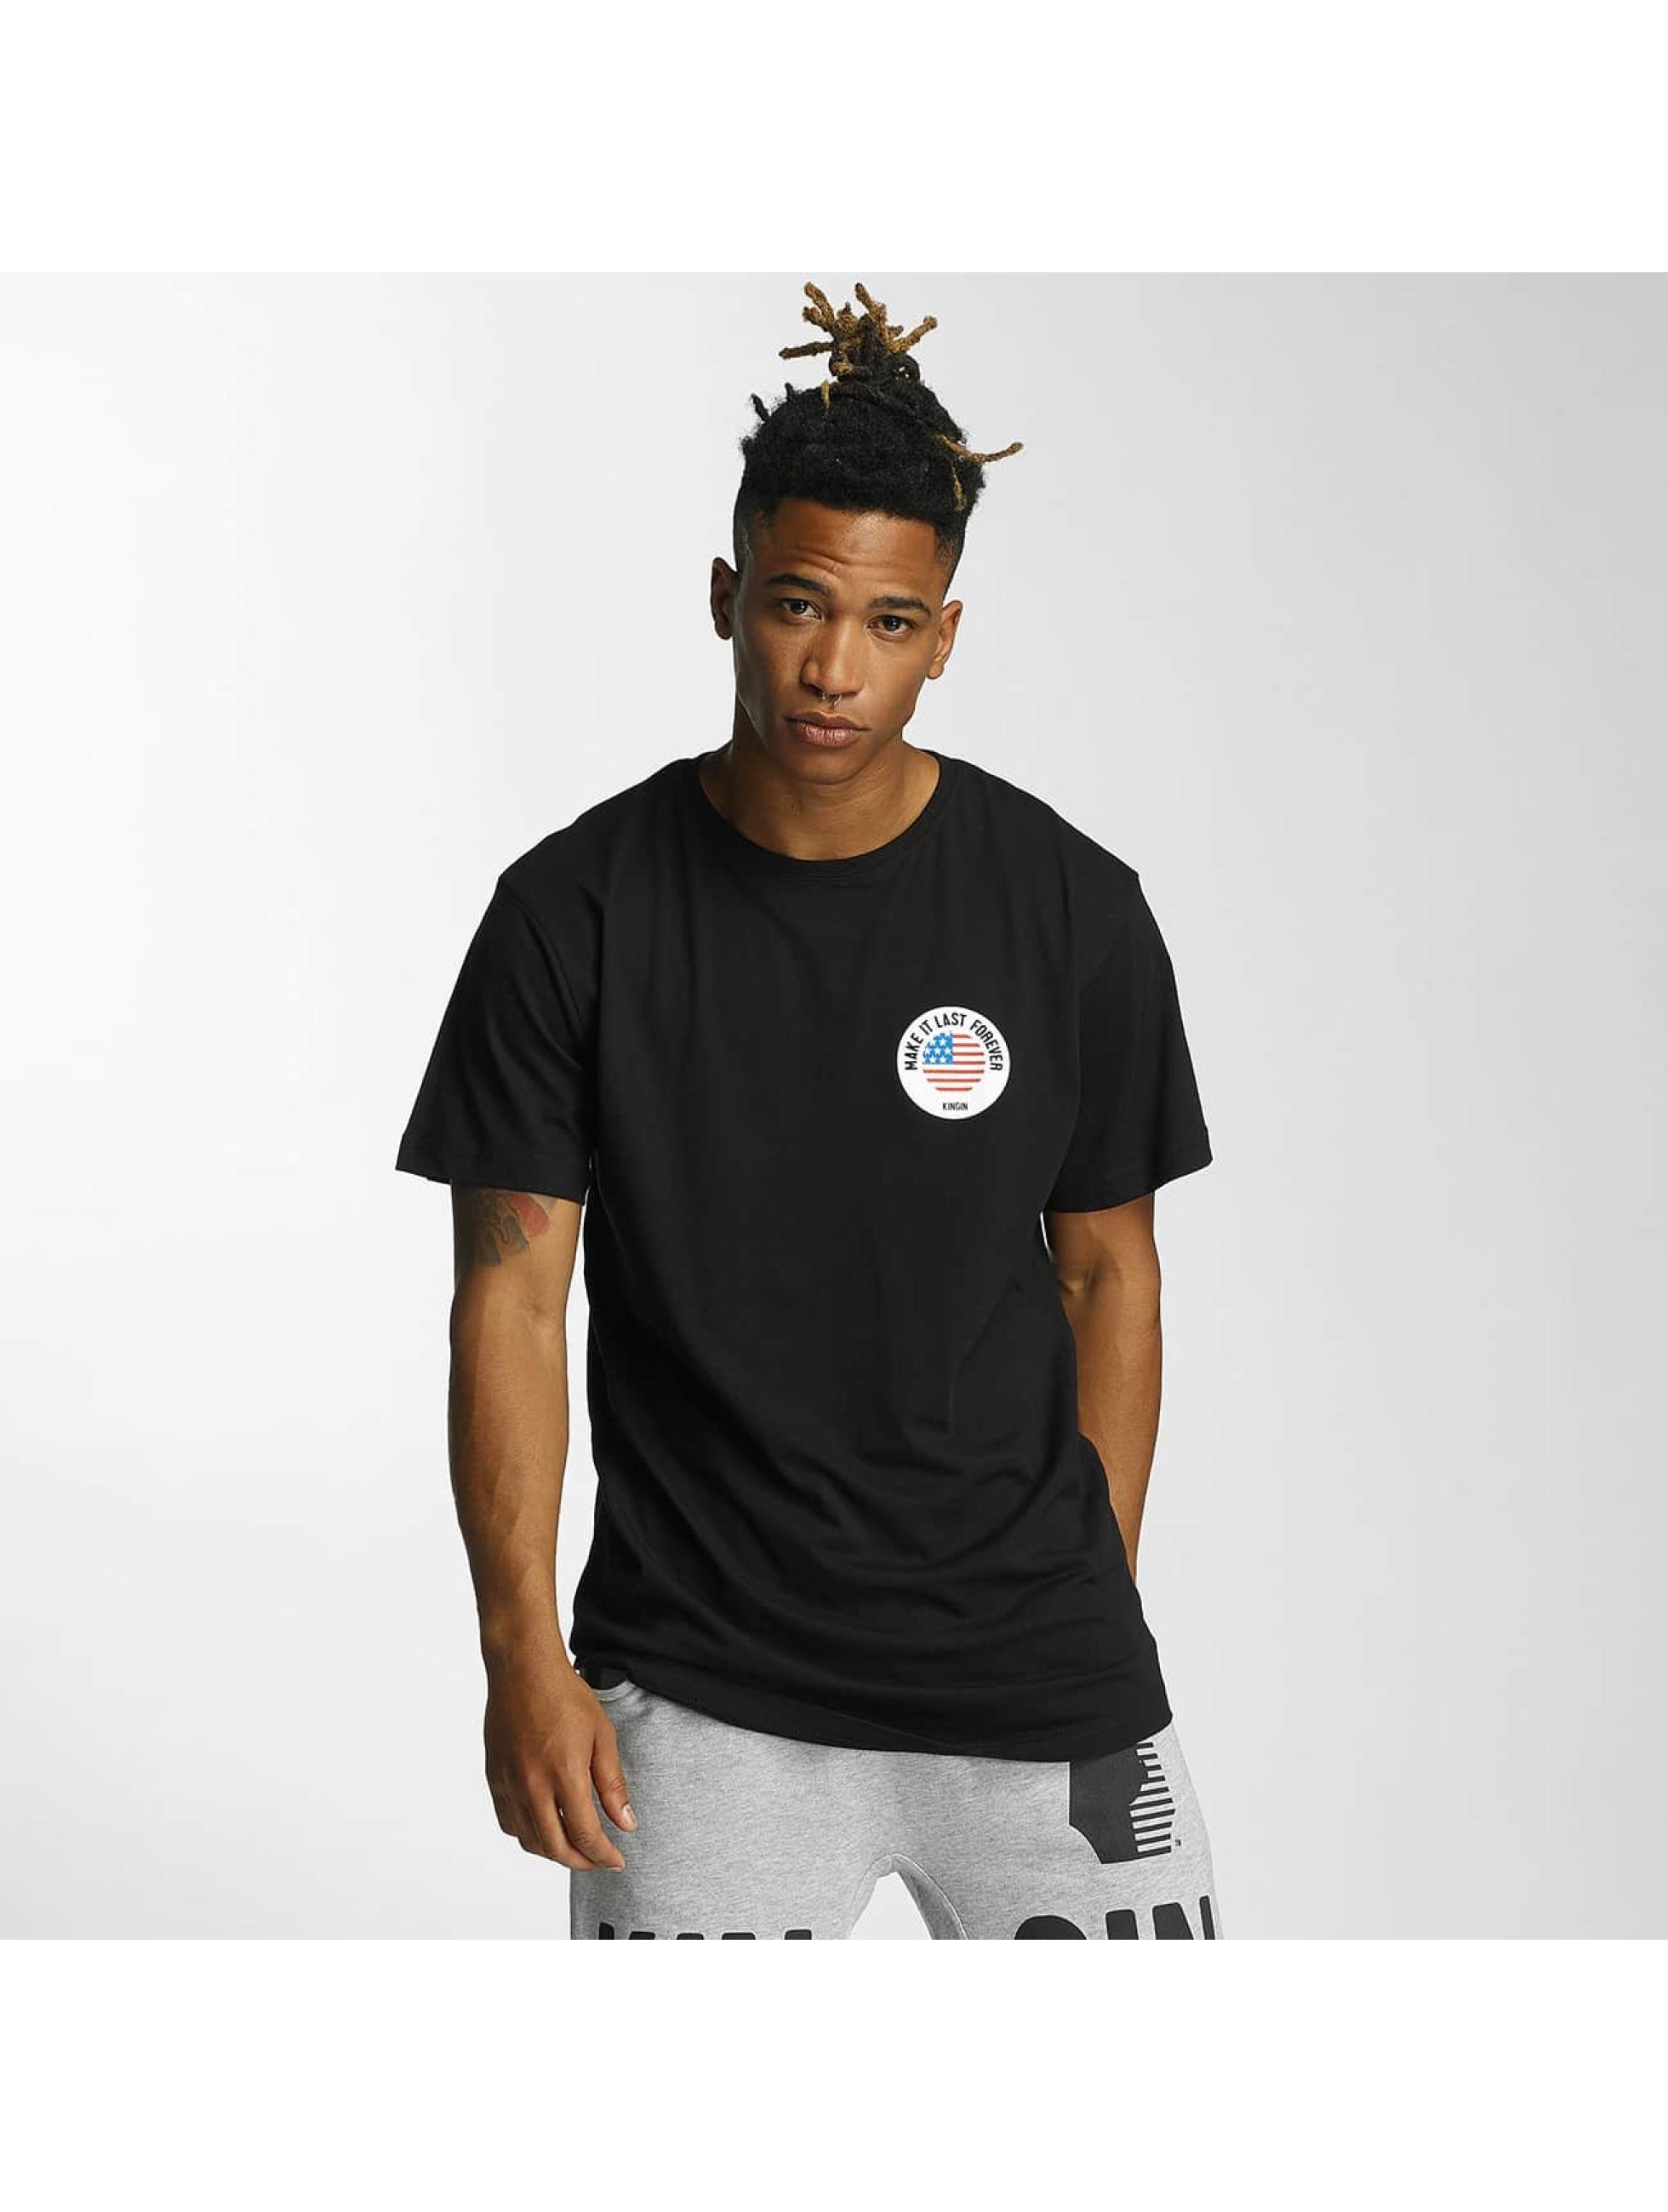 Kingin T-Shirt Melrose black